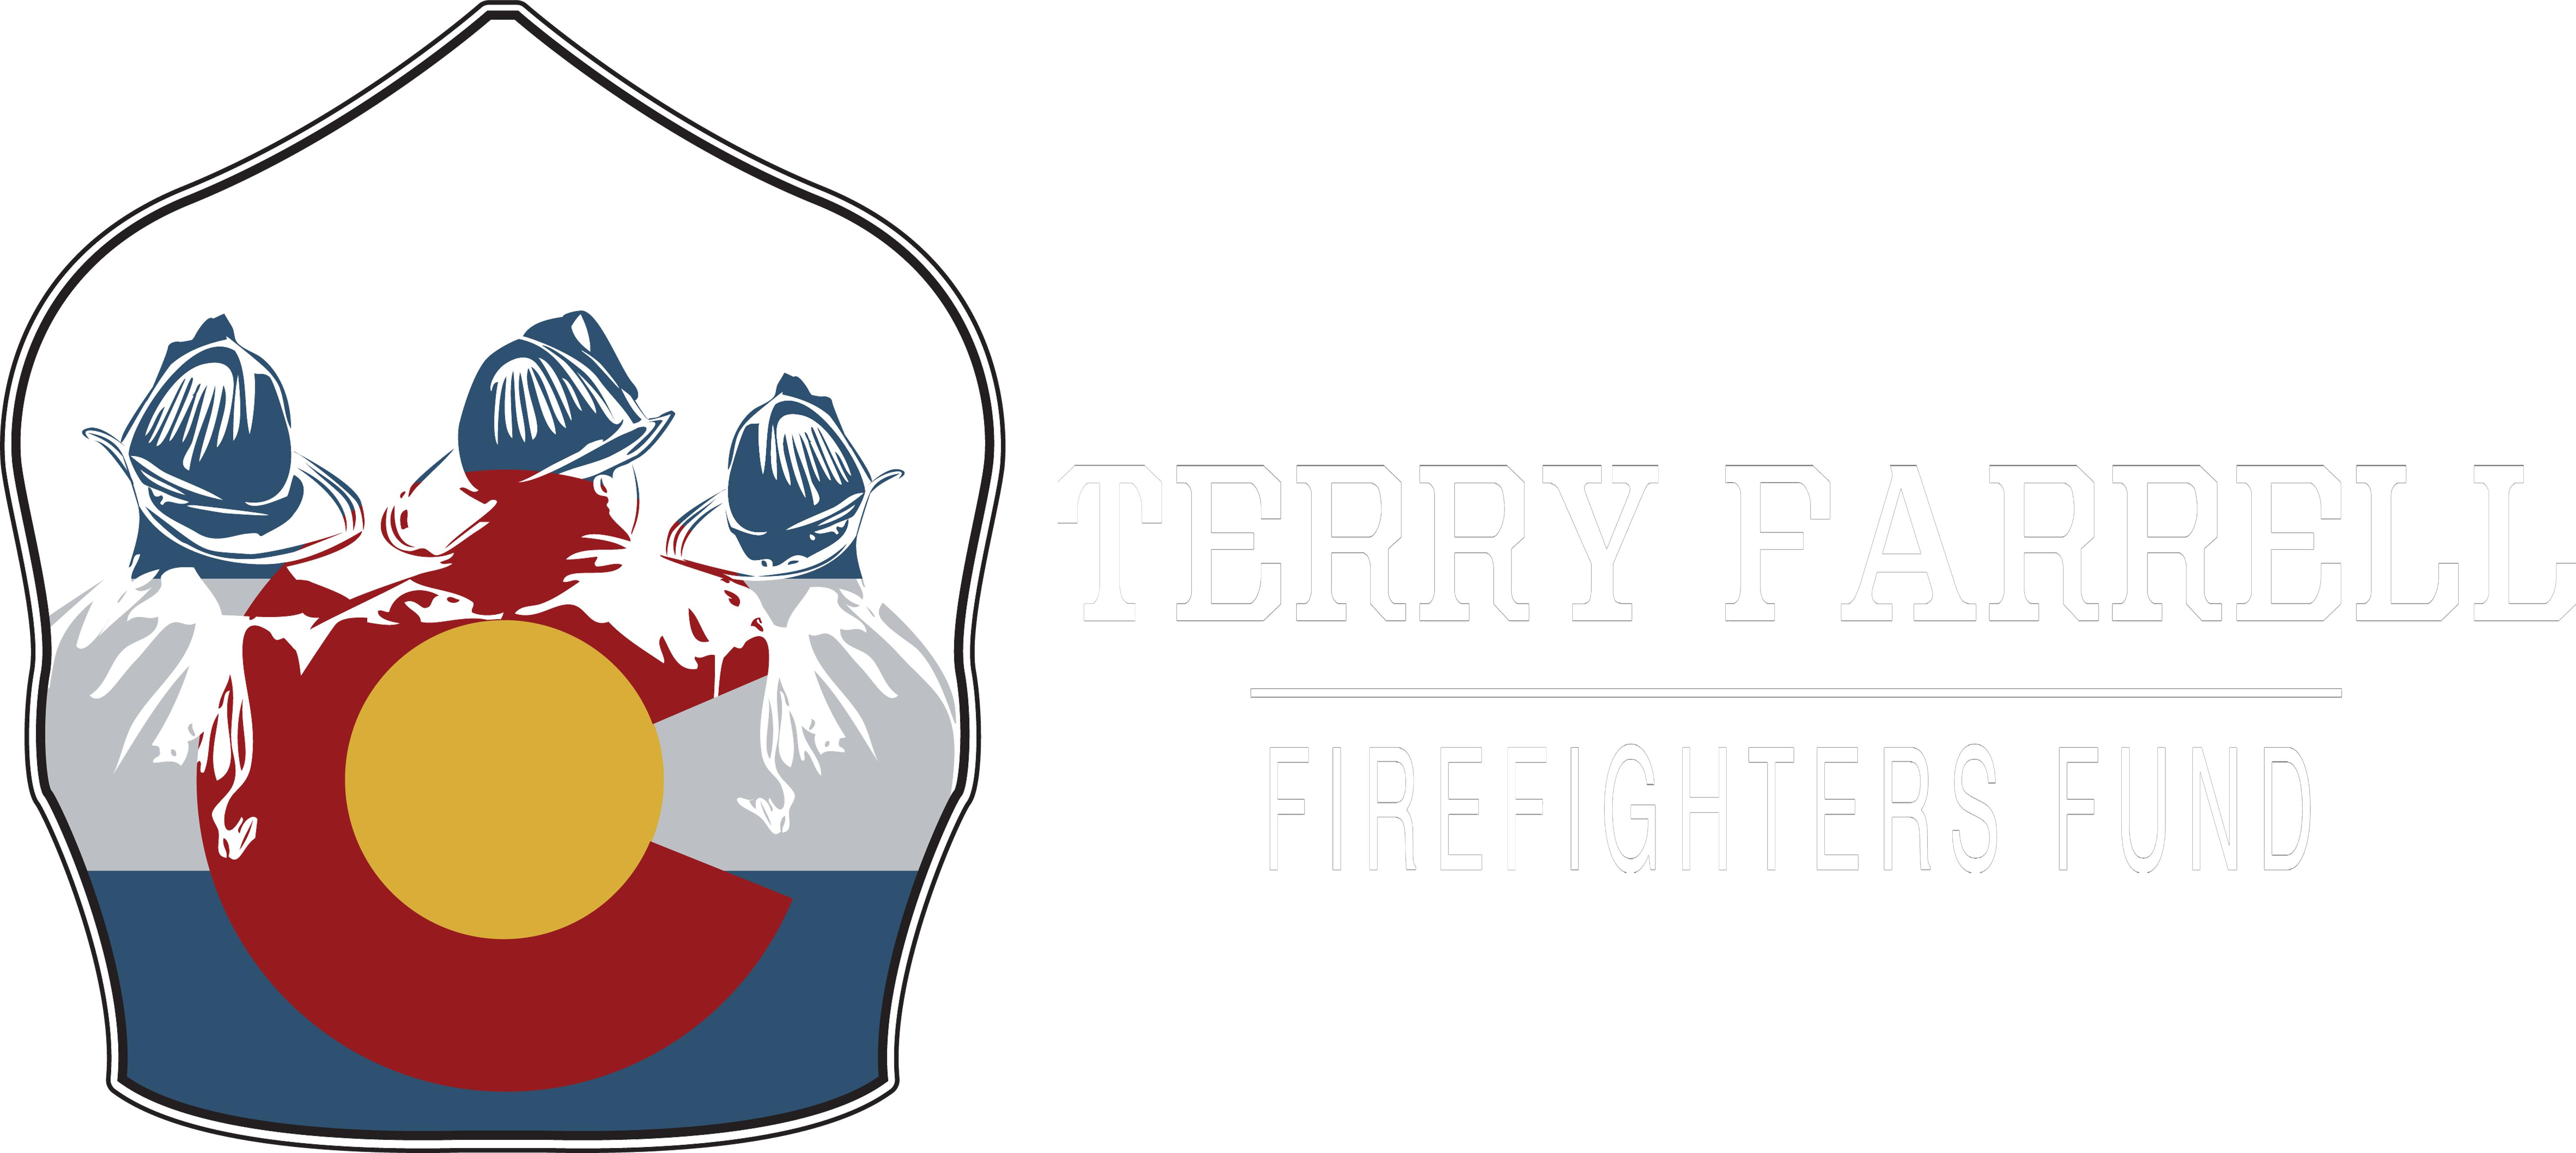 TerryFFund-WhiteLetters